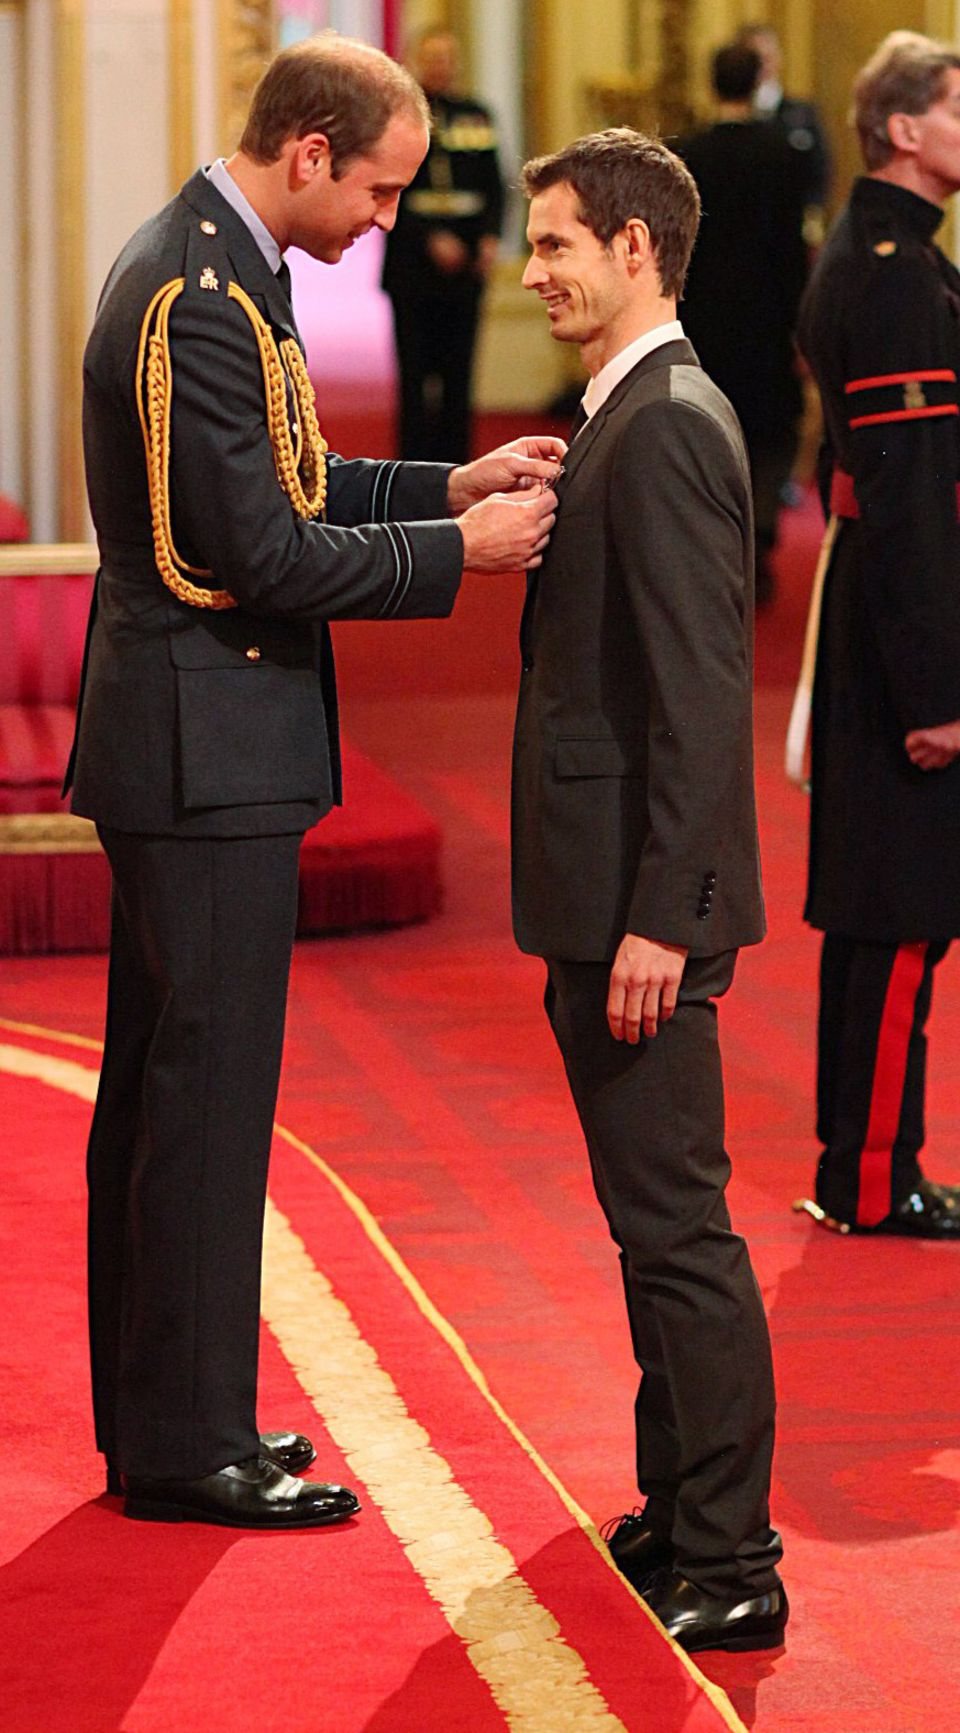 Auch Tennis-Star Andy Murray konnte sich über die Ehre von Prinz William freuen.